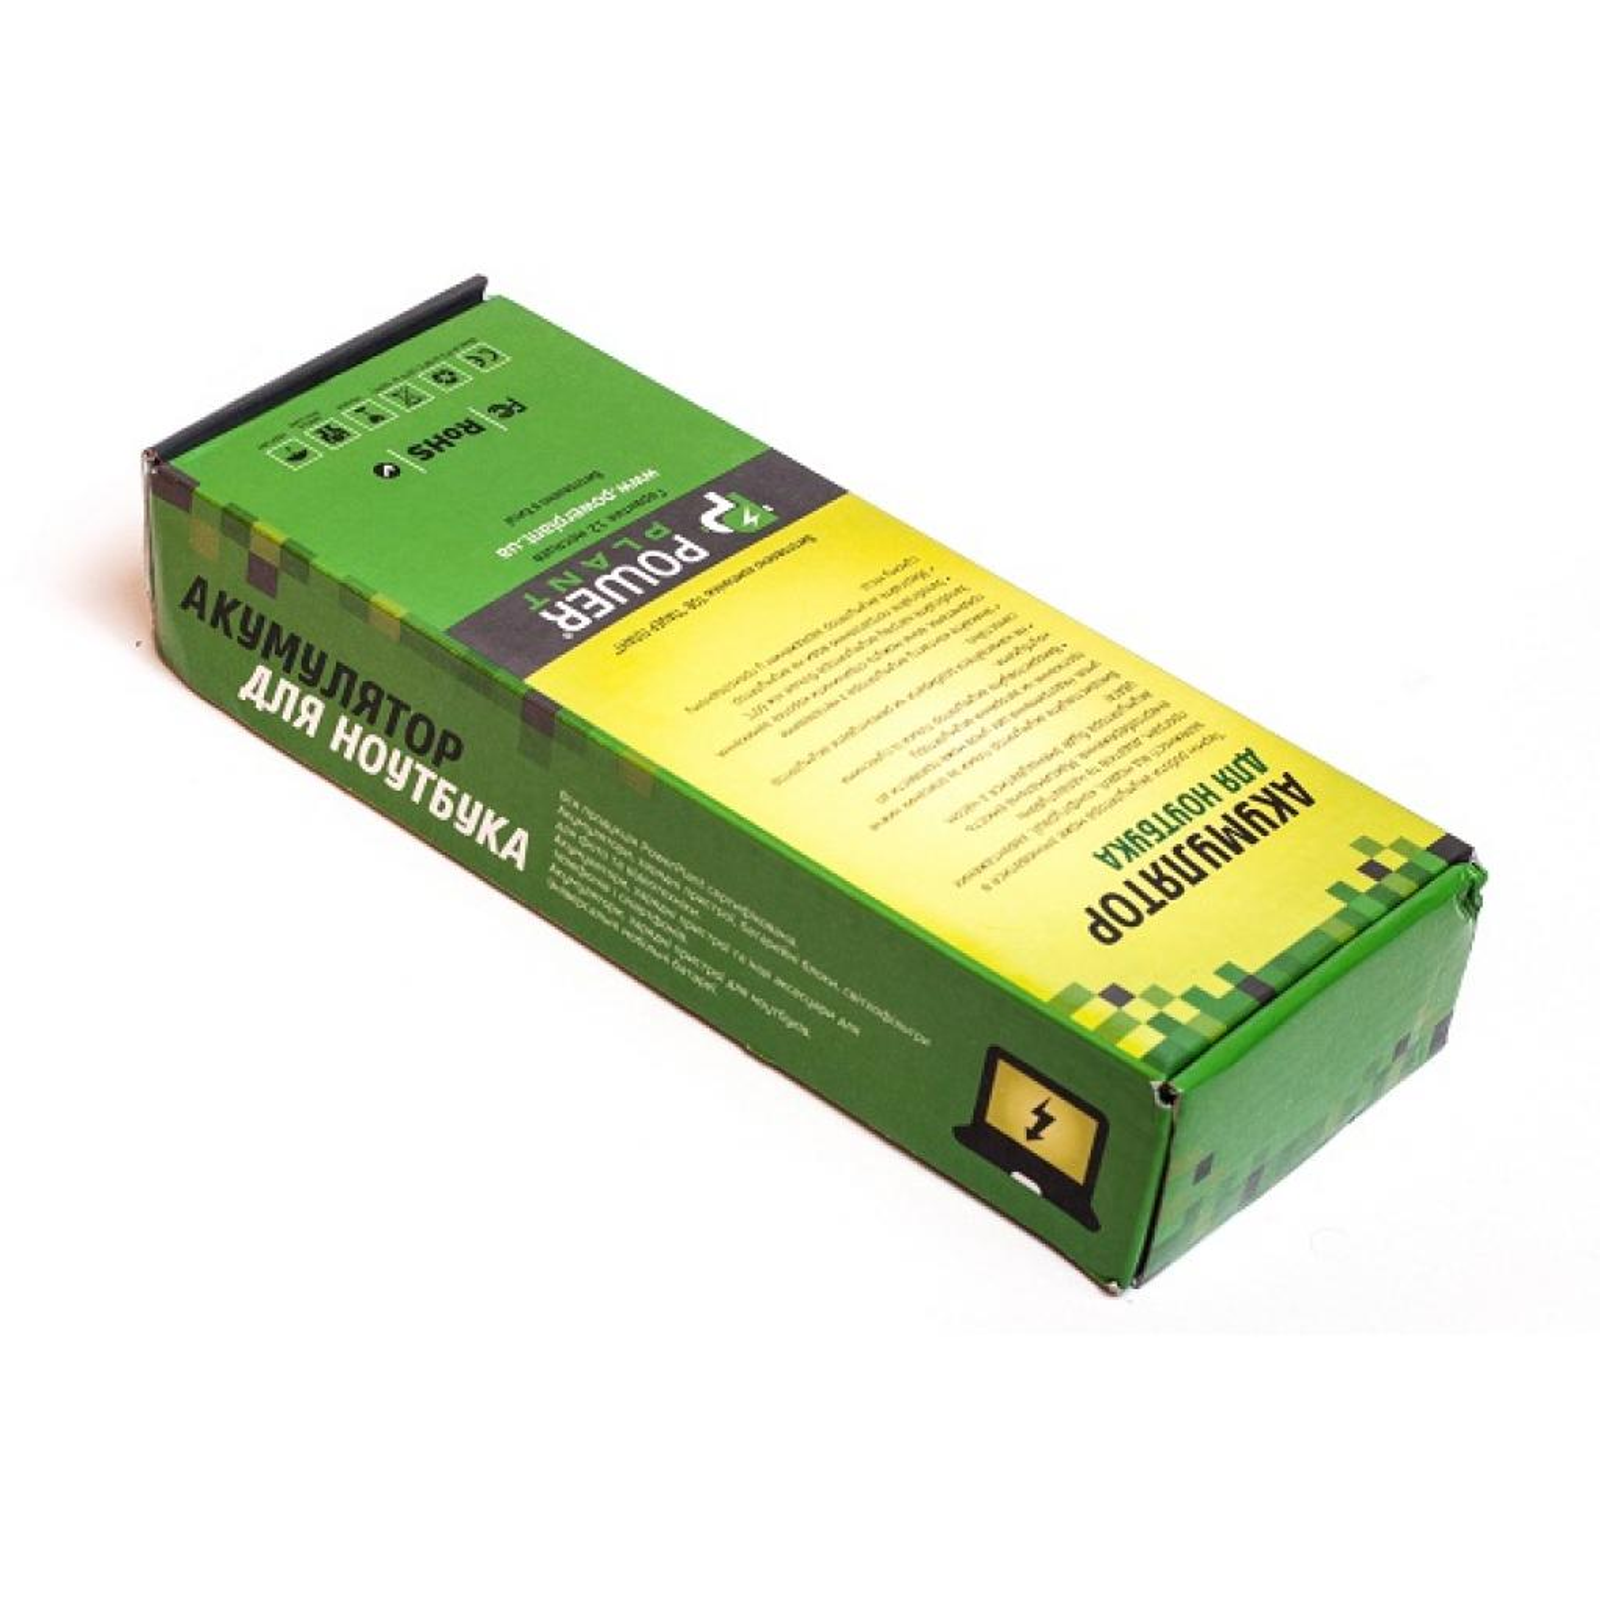 Аккумулятор для ноутбука Asus A9T (SQU-528, BQU528LH) 10.8V 4400mAh PowerPlant (NB00000189) изображение 2